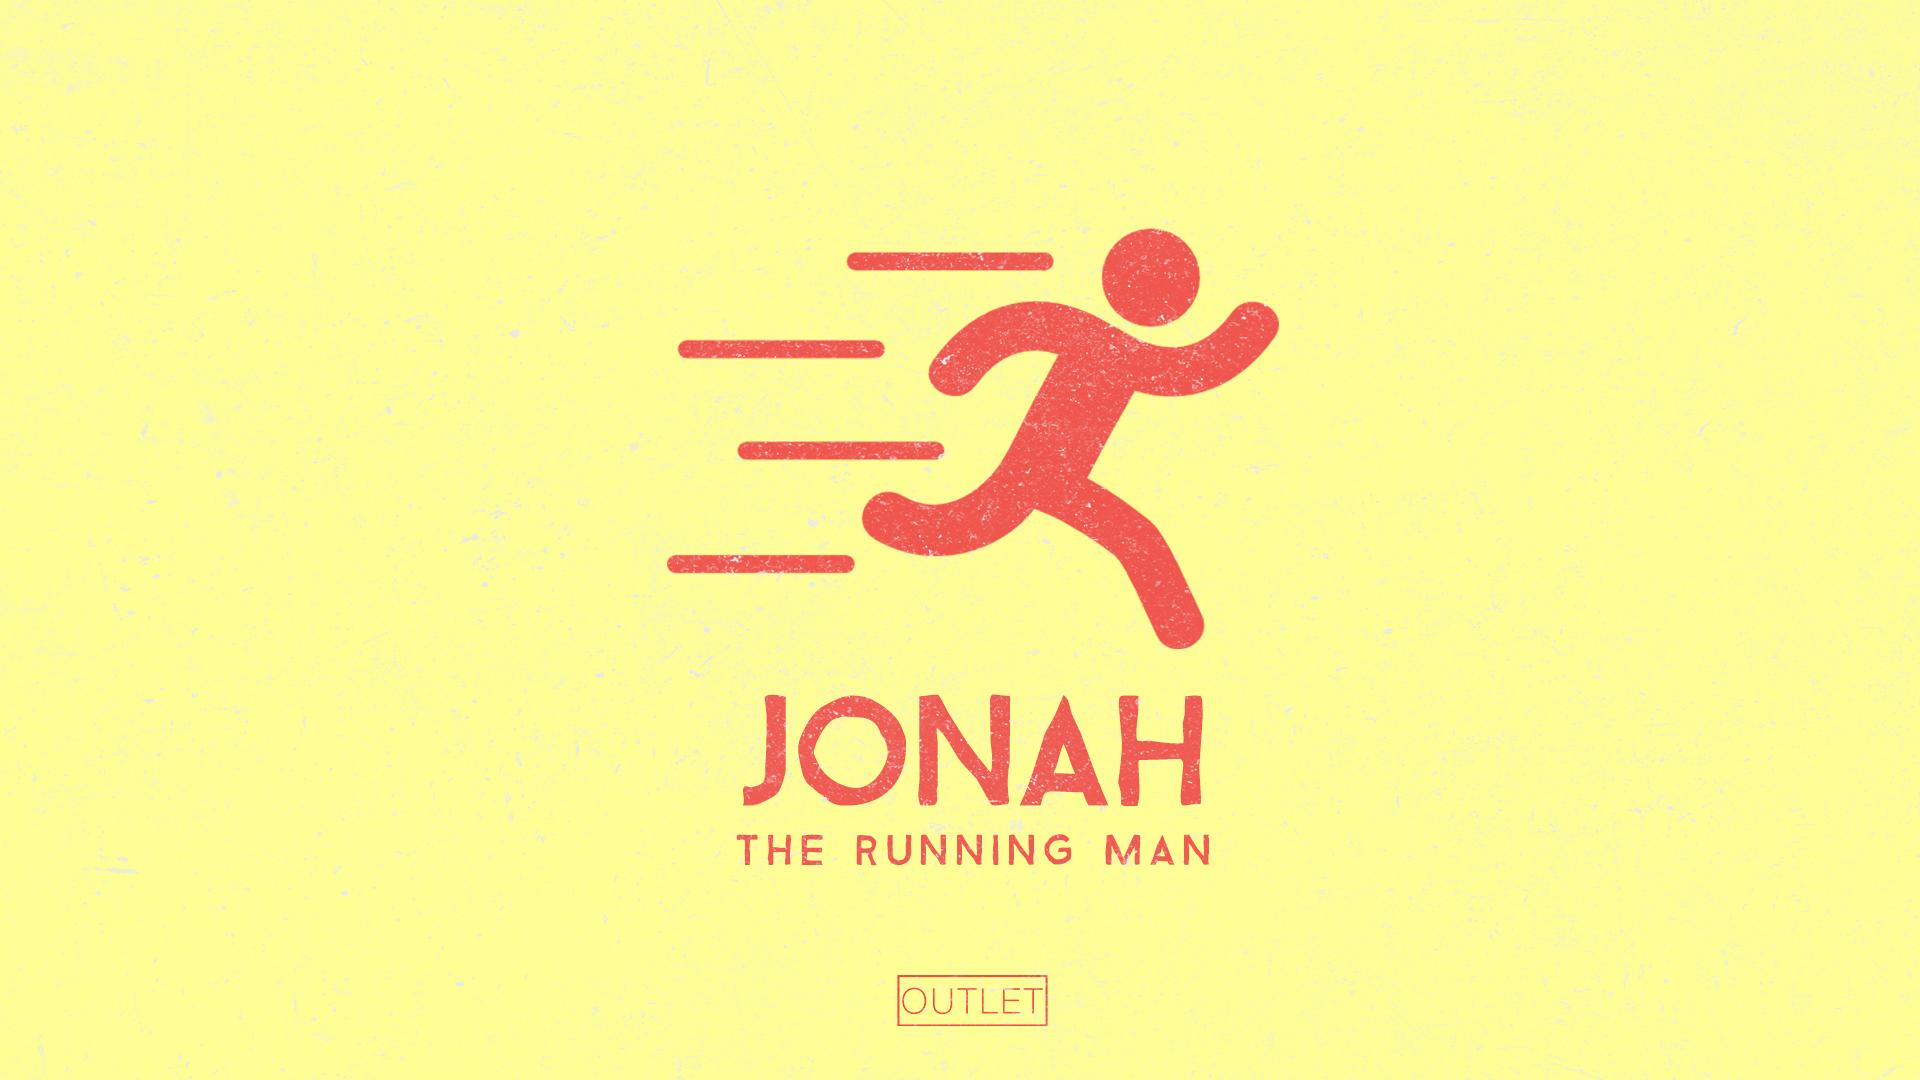 Jonah - Outlet.jpg